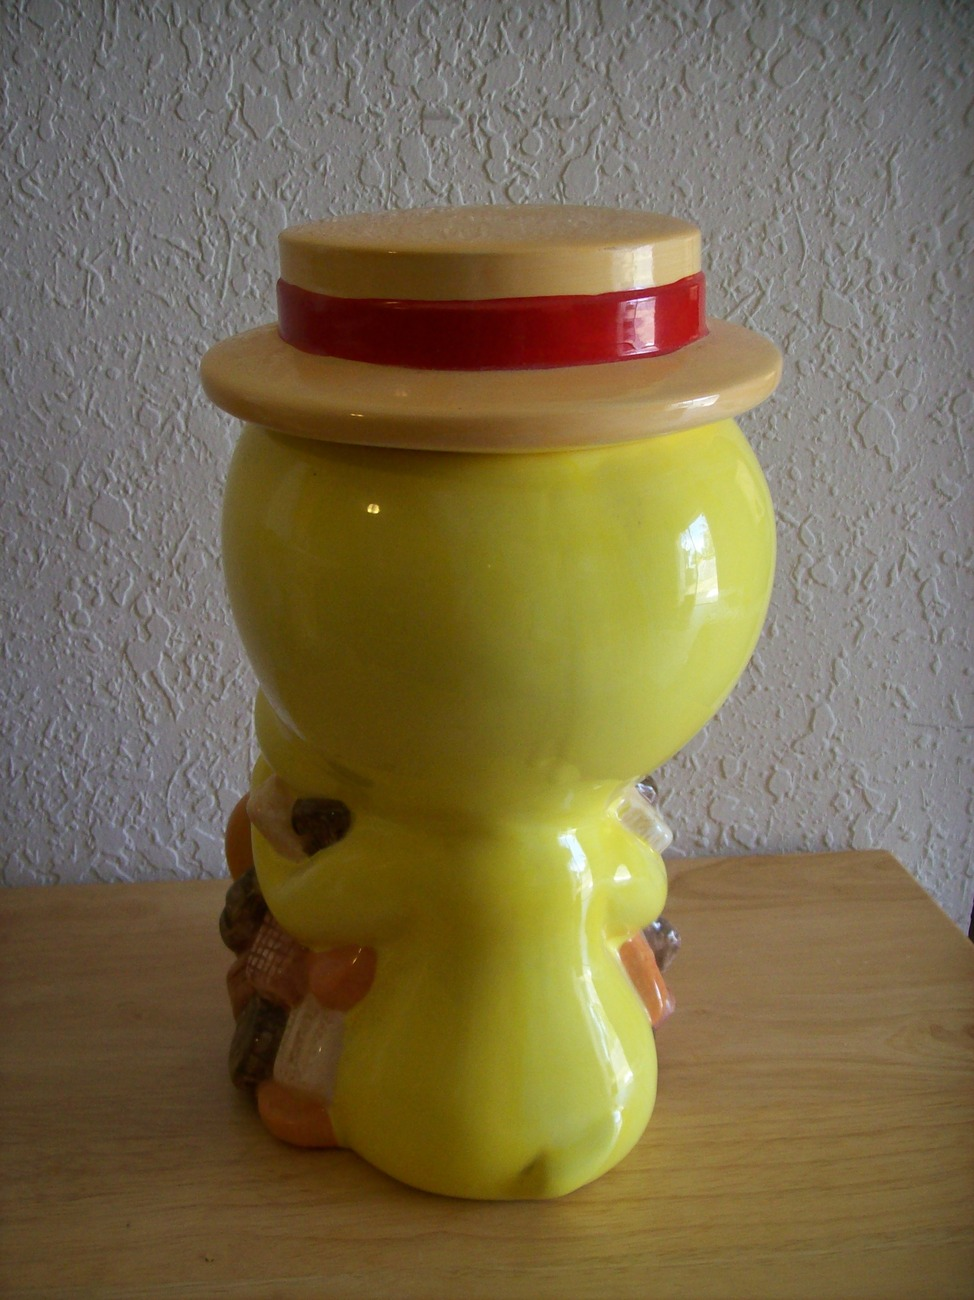 1993 Looney Tunes Tweety Cookie Jar